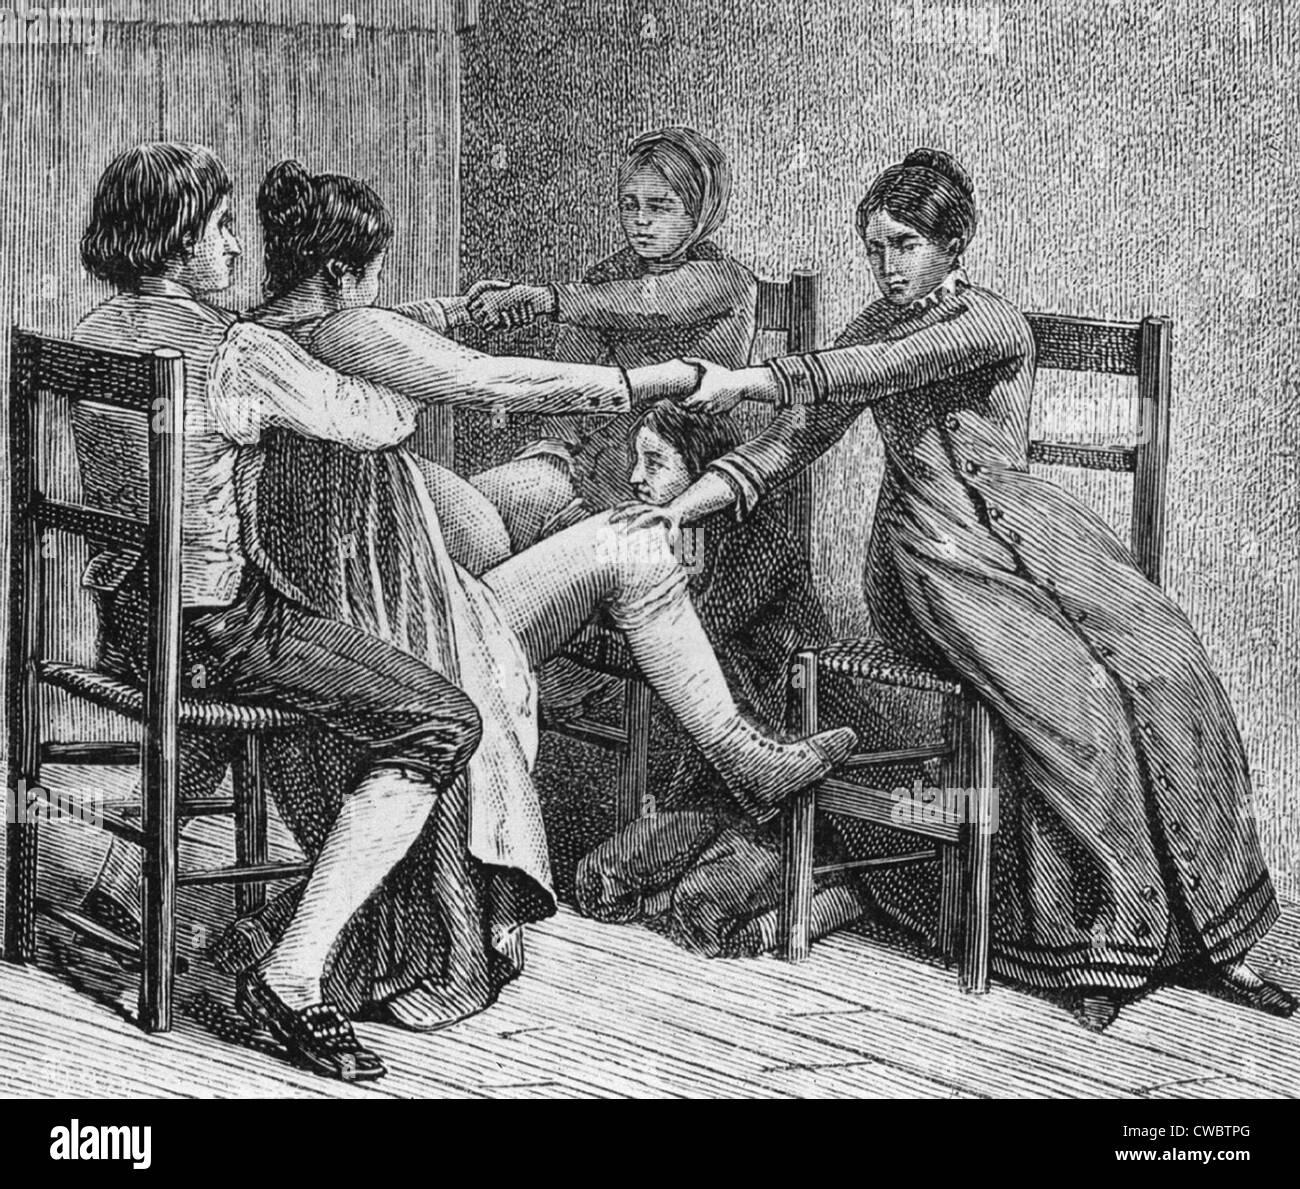 Pioneer scena di nascita di due uomini e due donne assistere durante il parto di ca. 1800. Illustrazione DALLA STORIA Immagini Stock